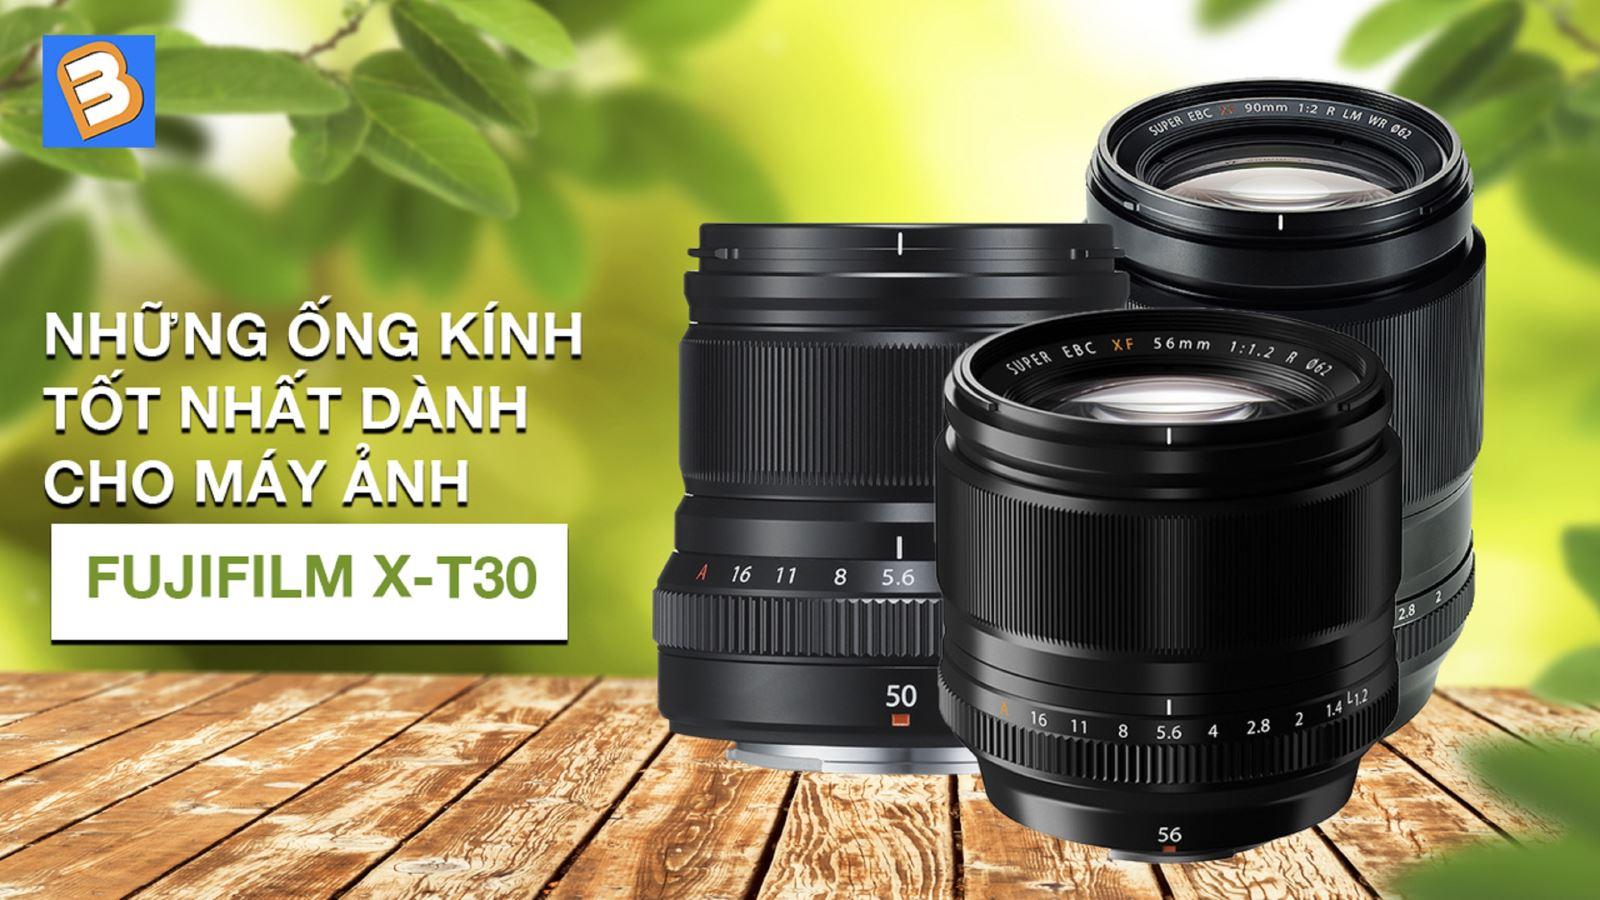 Những ống kính tốt nhất dành cho máy ảnhFujifilm X-T30